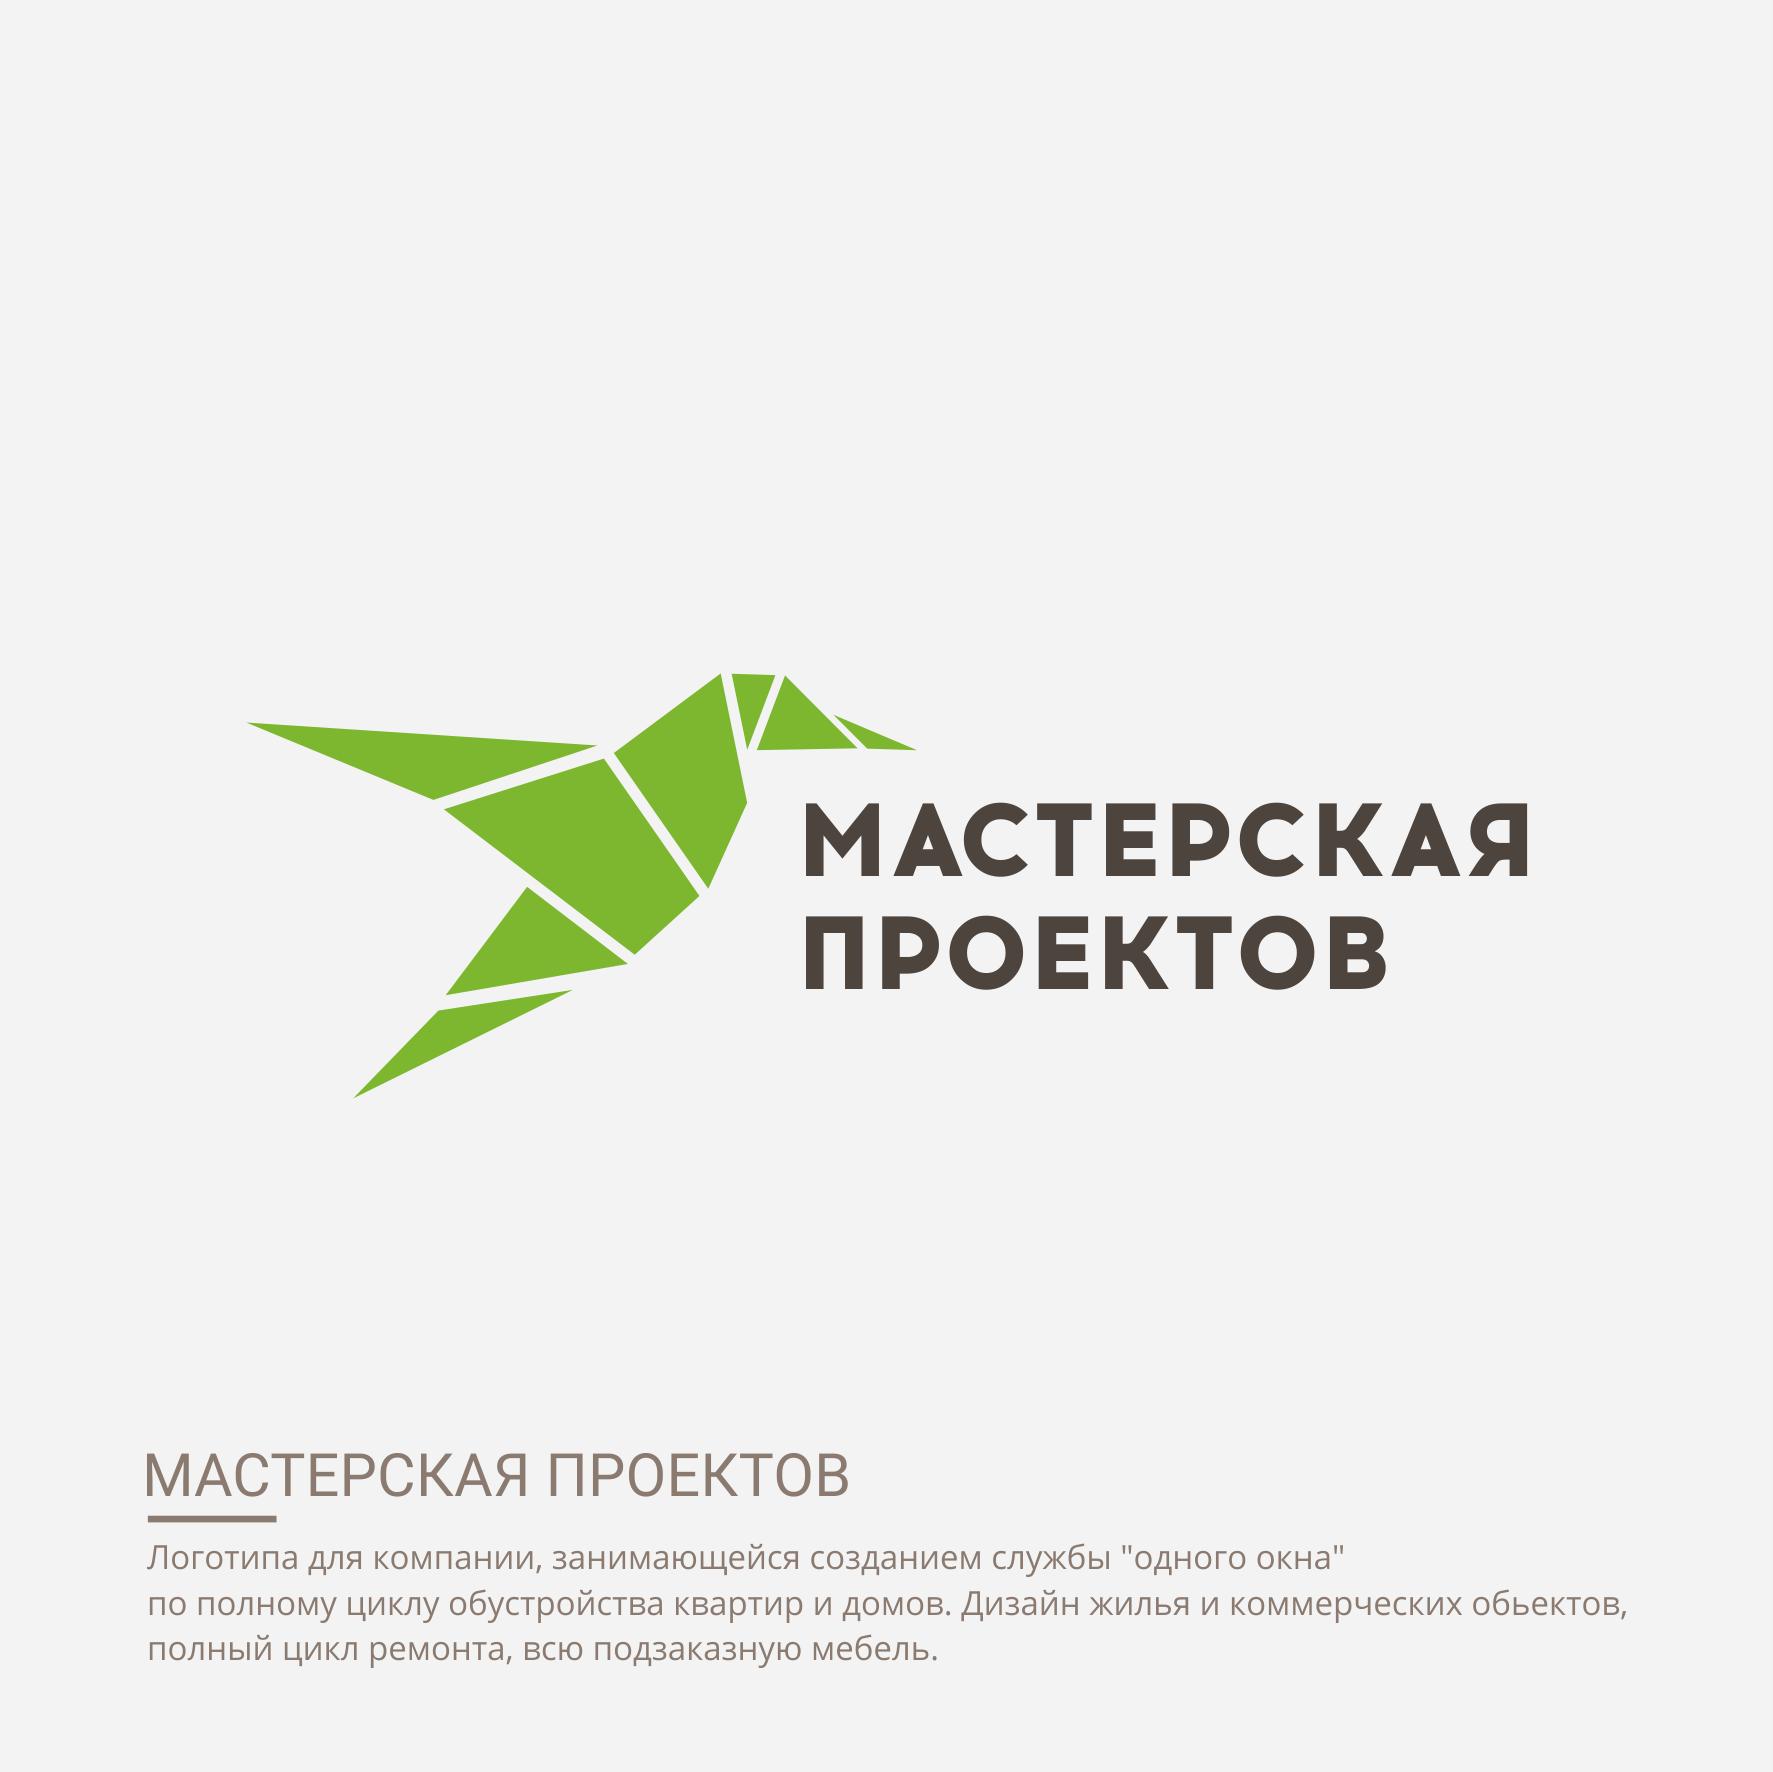 Разработка логотипа строительно-мебельного проекта (см. опис фото f_5336076fe332a848.png